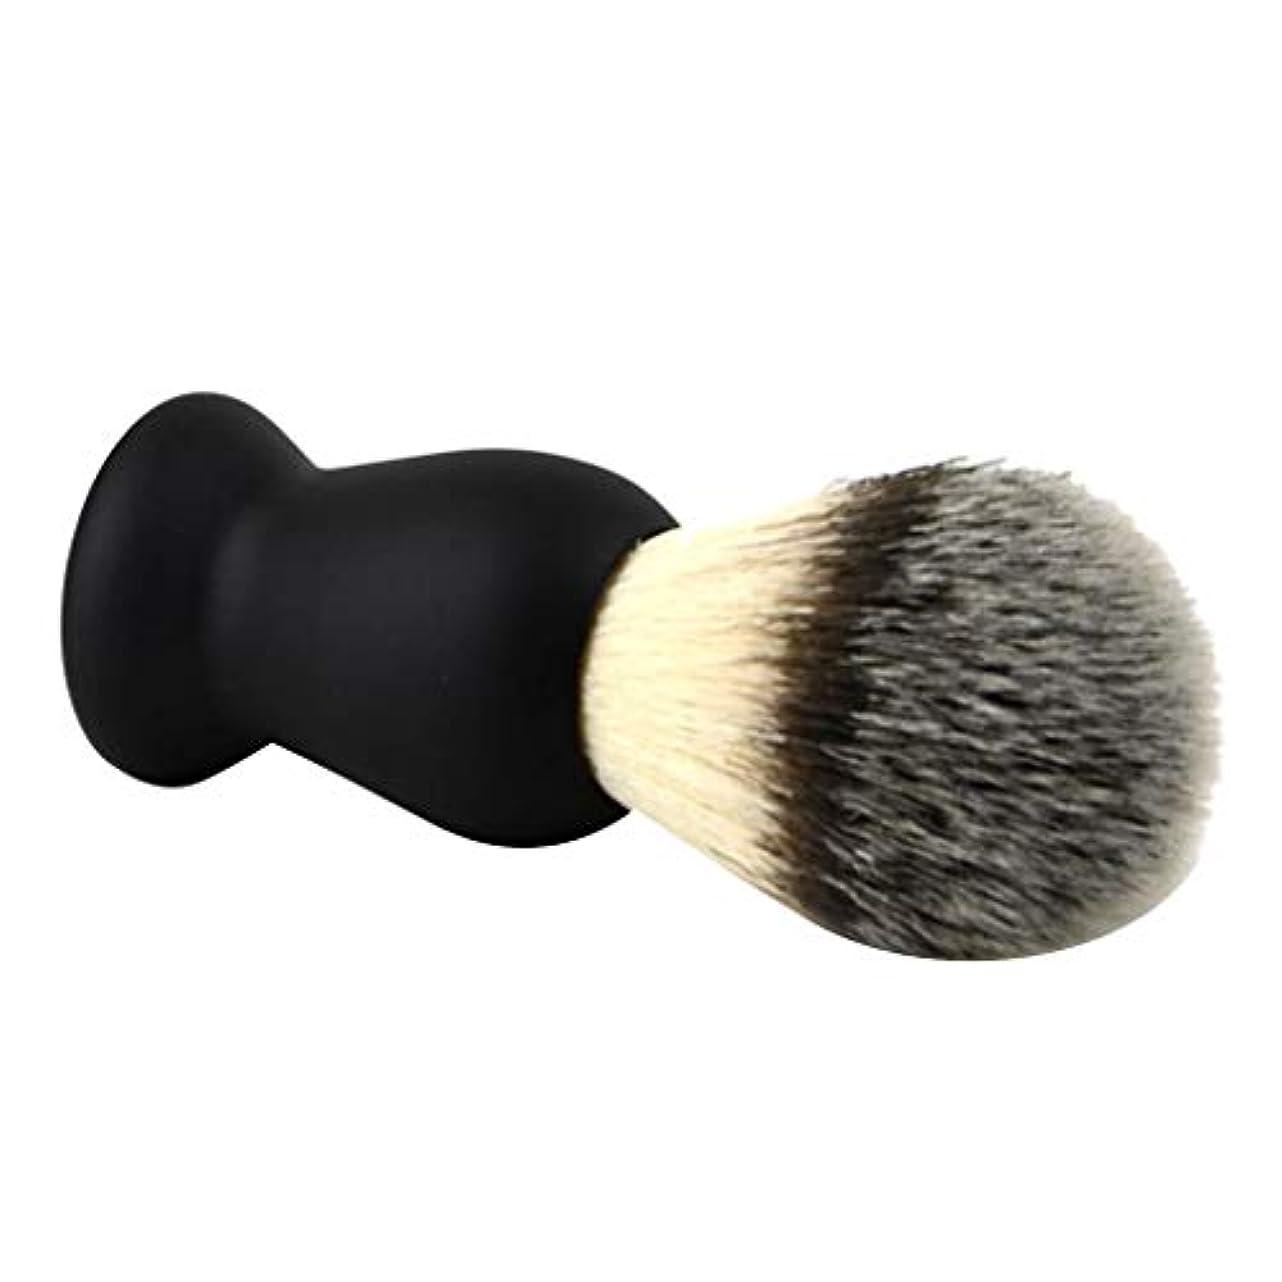 間接的カヌーコーチシェービングブラシ メンズ ひげブラシ 剃毛ブラシ ABSハンドル+ナイロン 泡立て 散髪整理